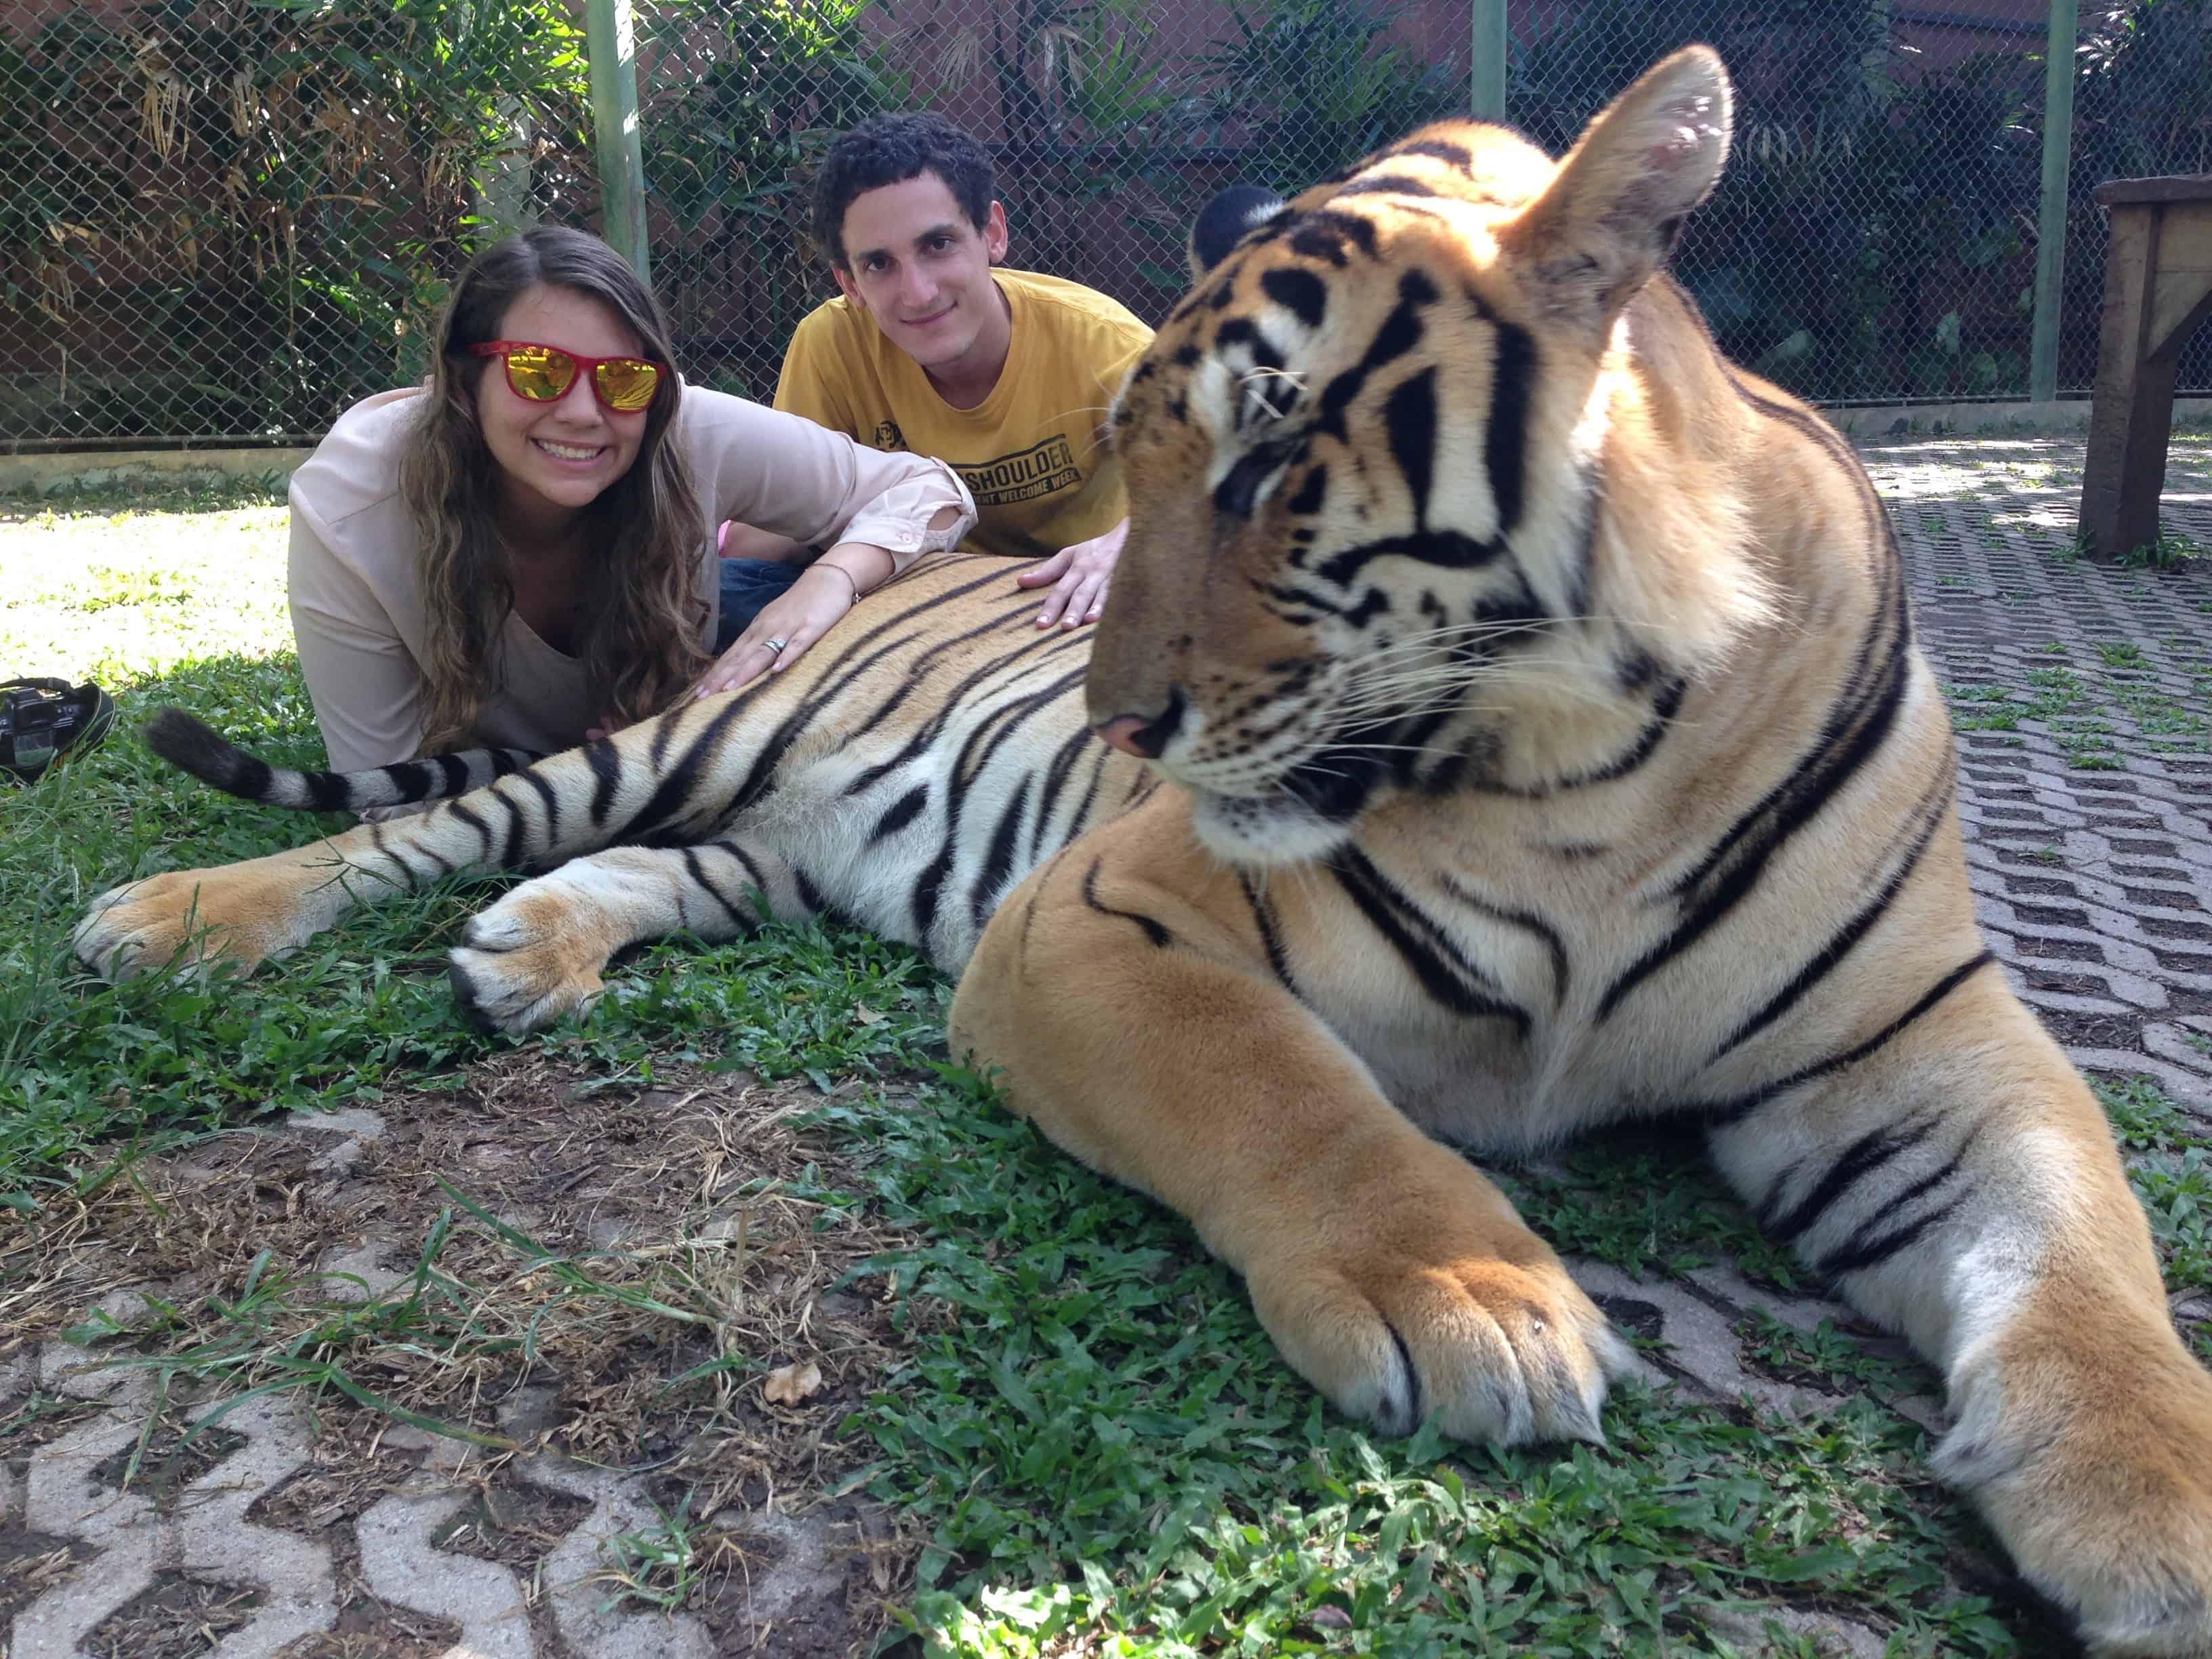 Tiger Kingdom Park